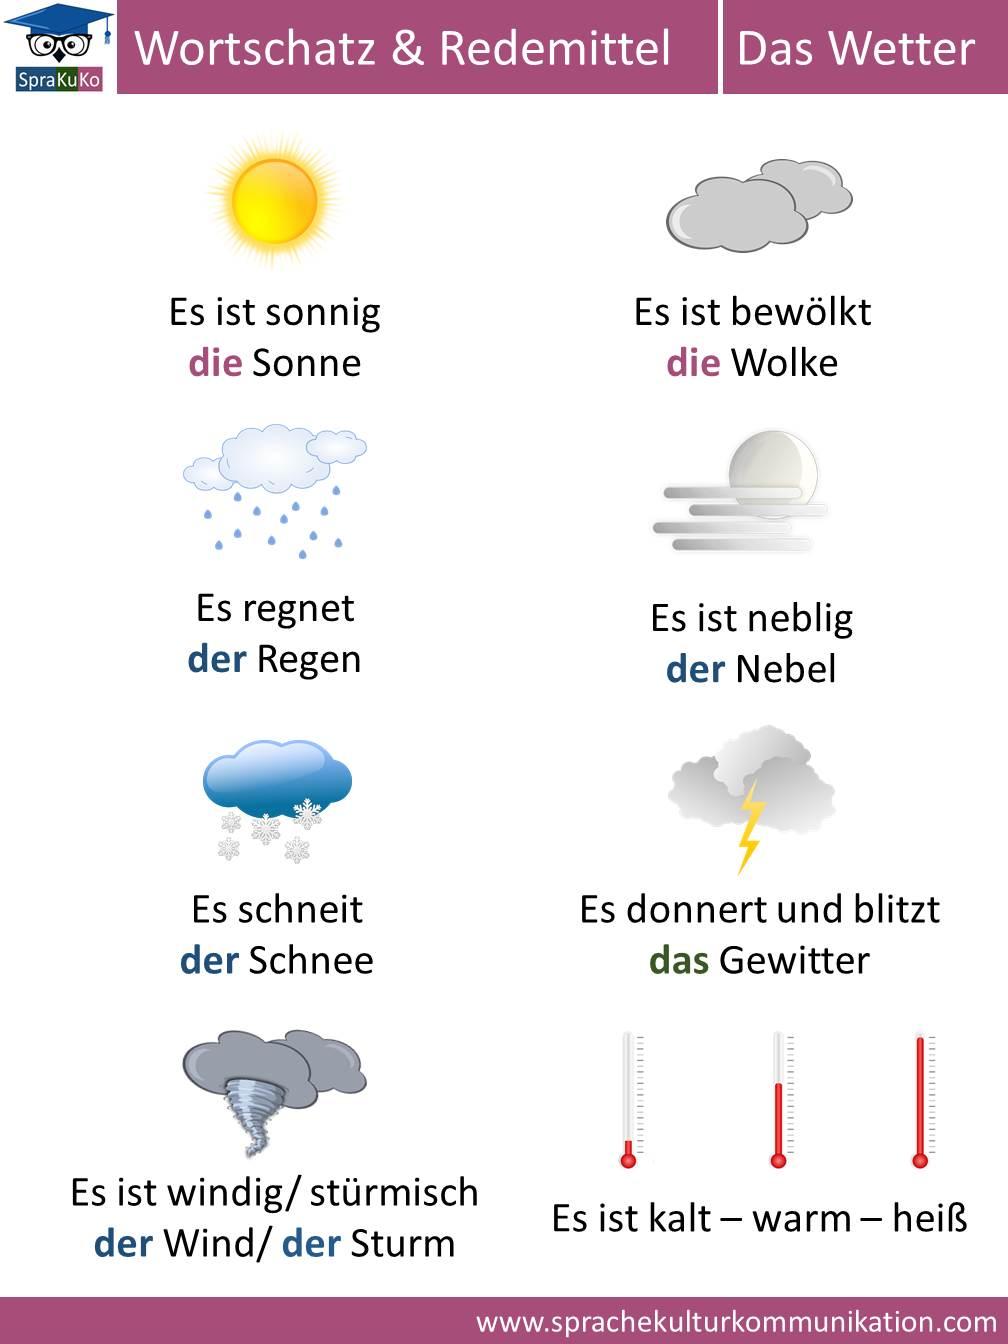 Wortschatz das Wetter.jpg